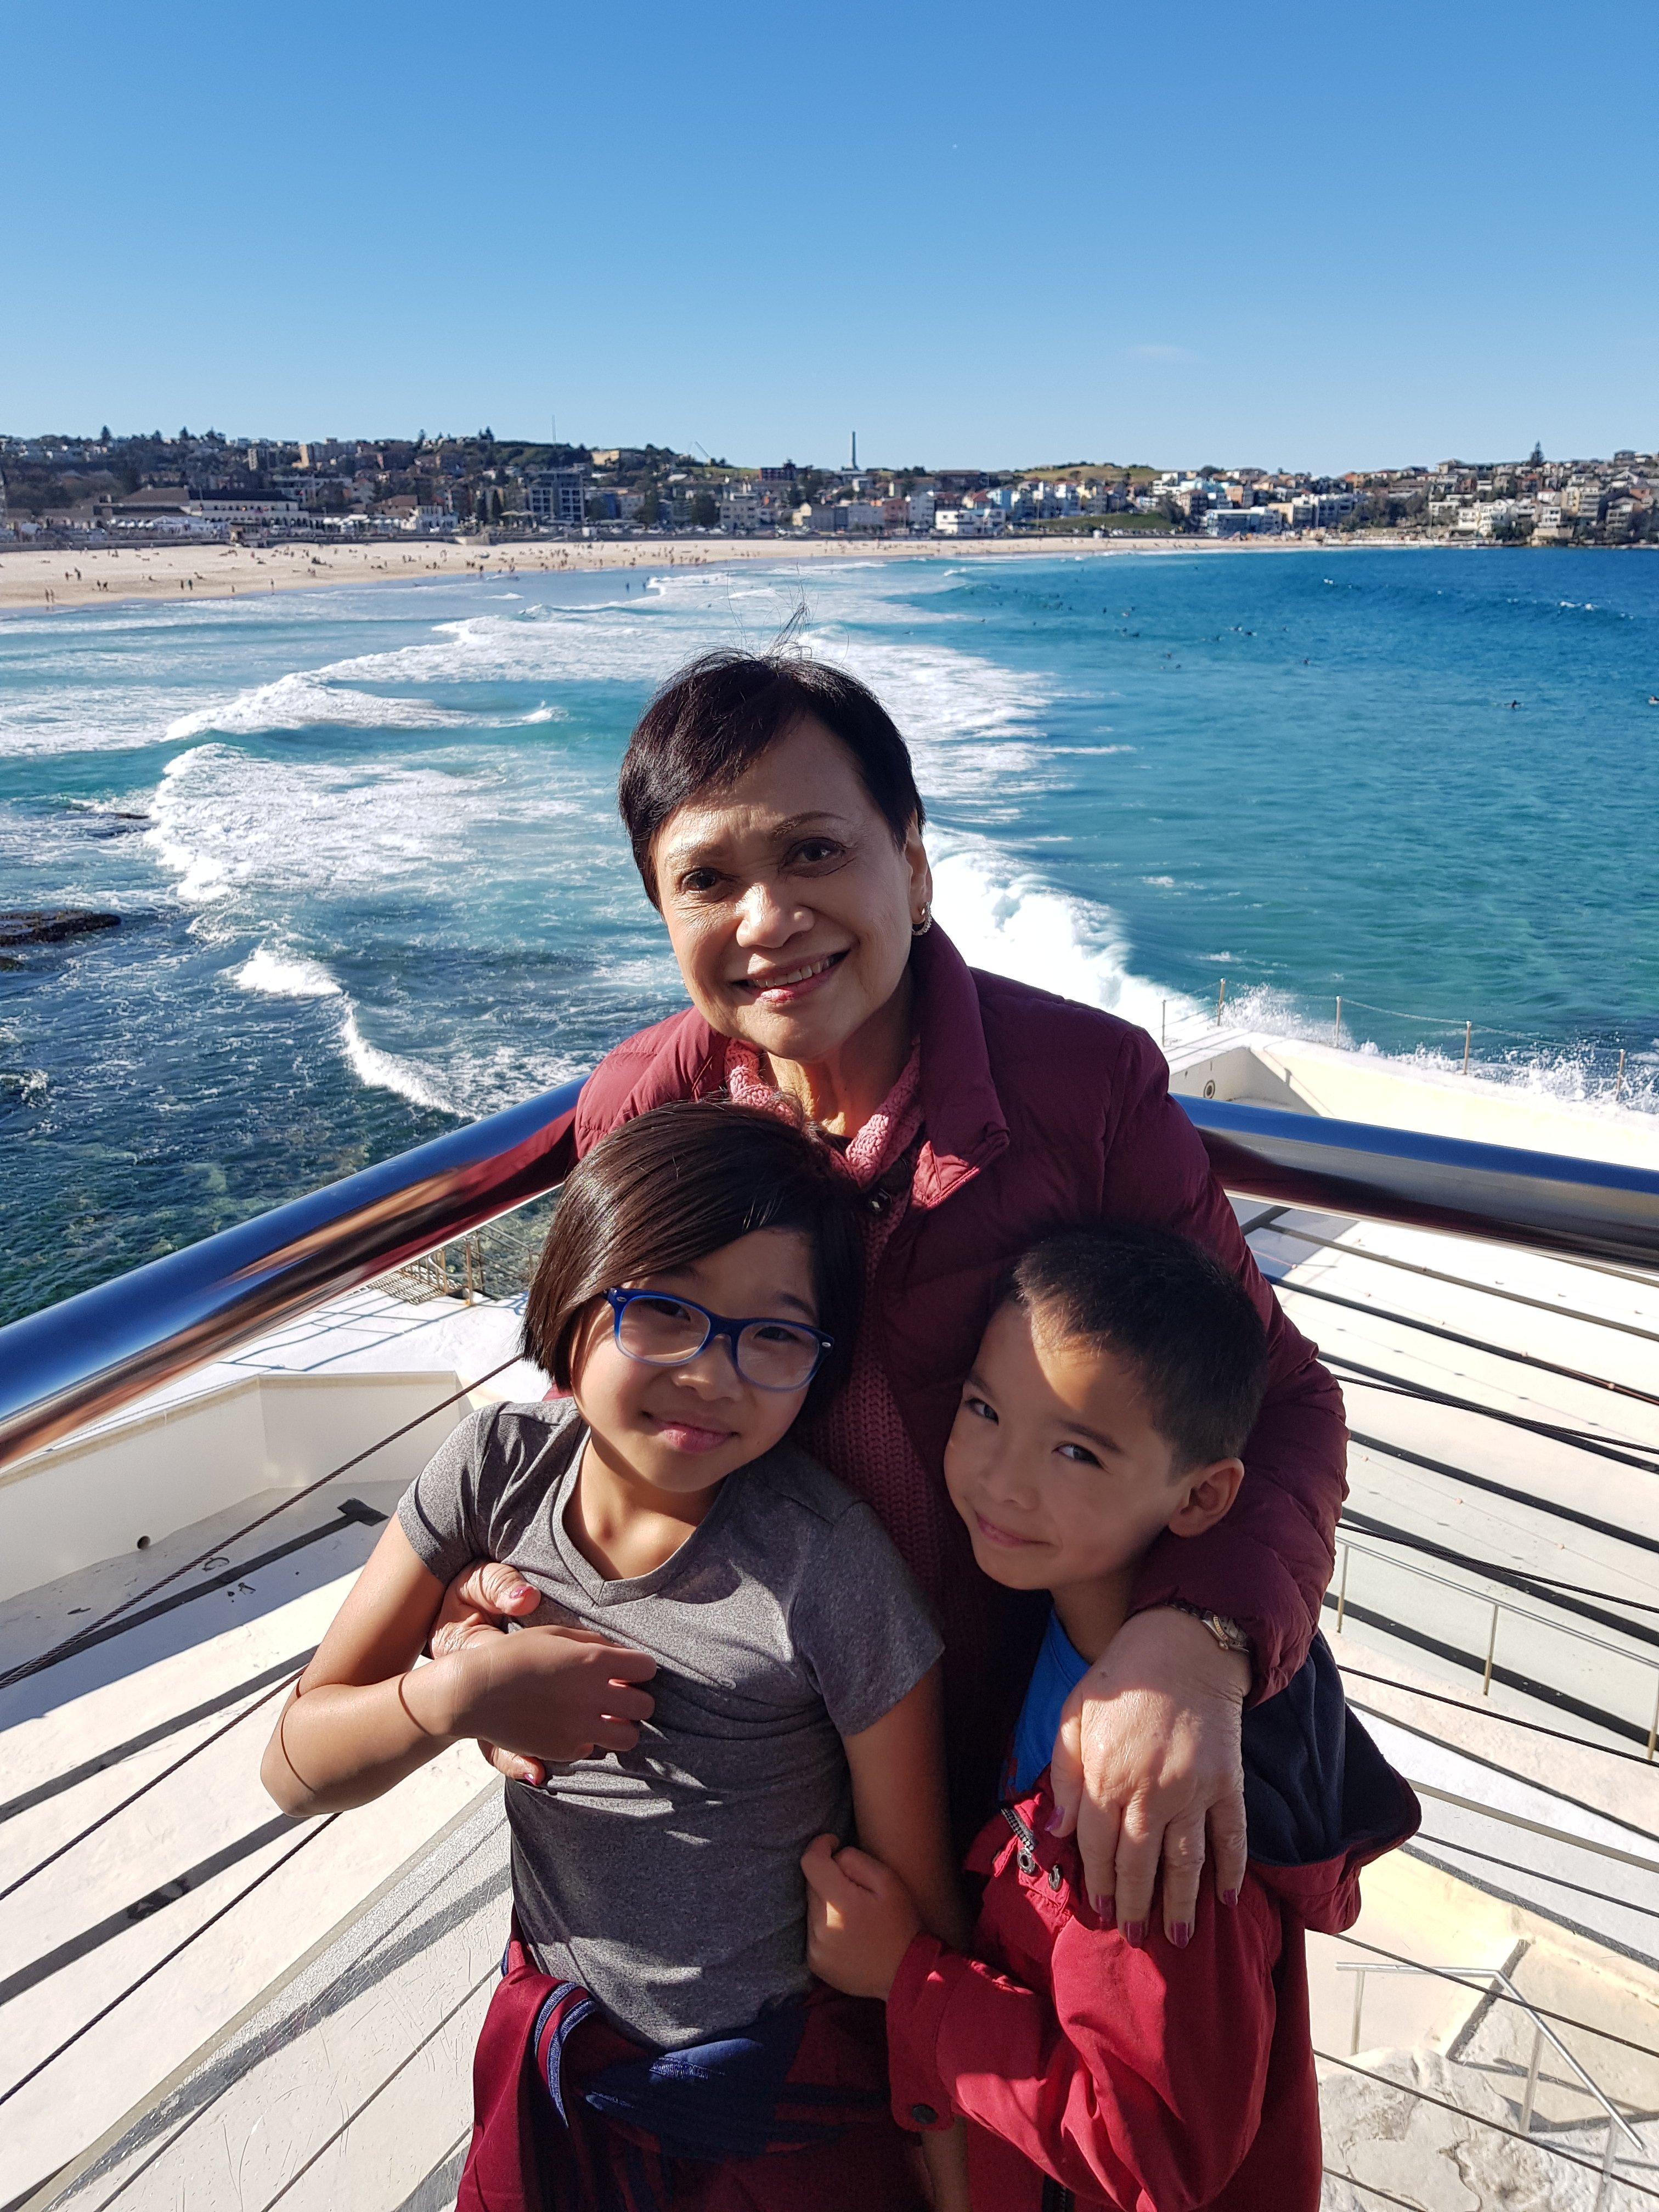 Grandma with grandkids at Bondi Beach